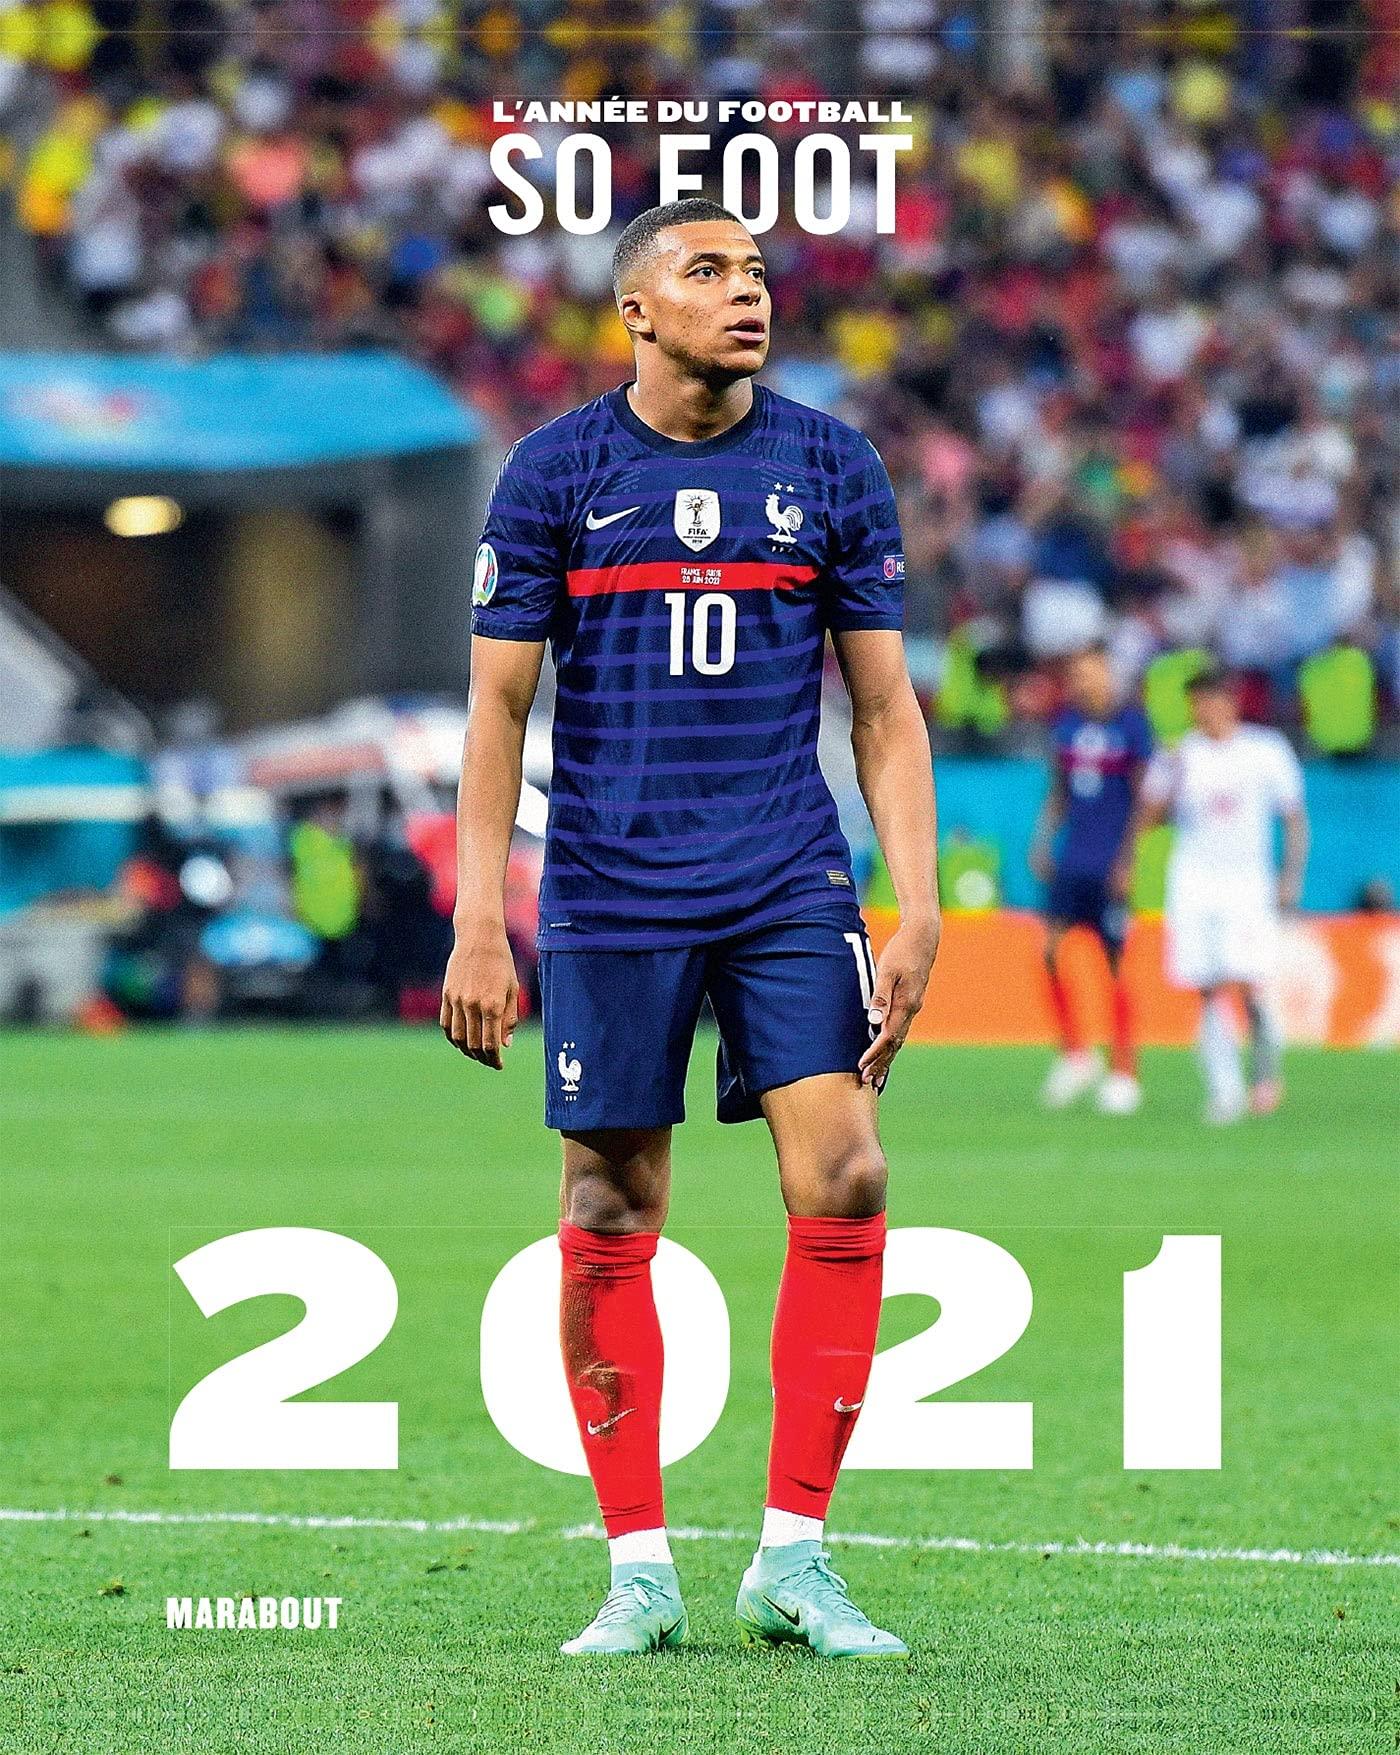 L'année du football 2021